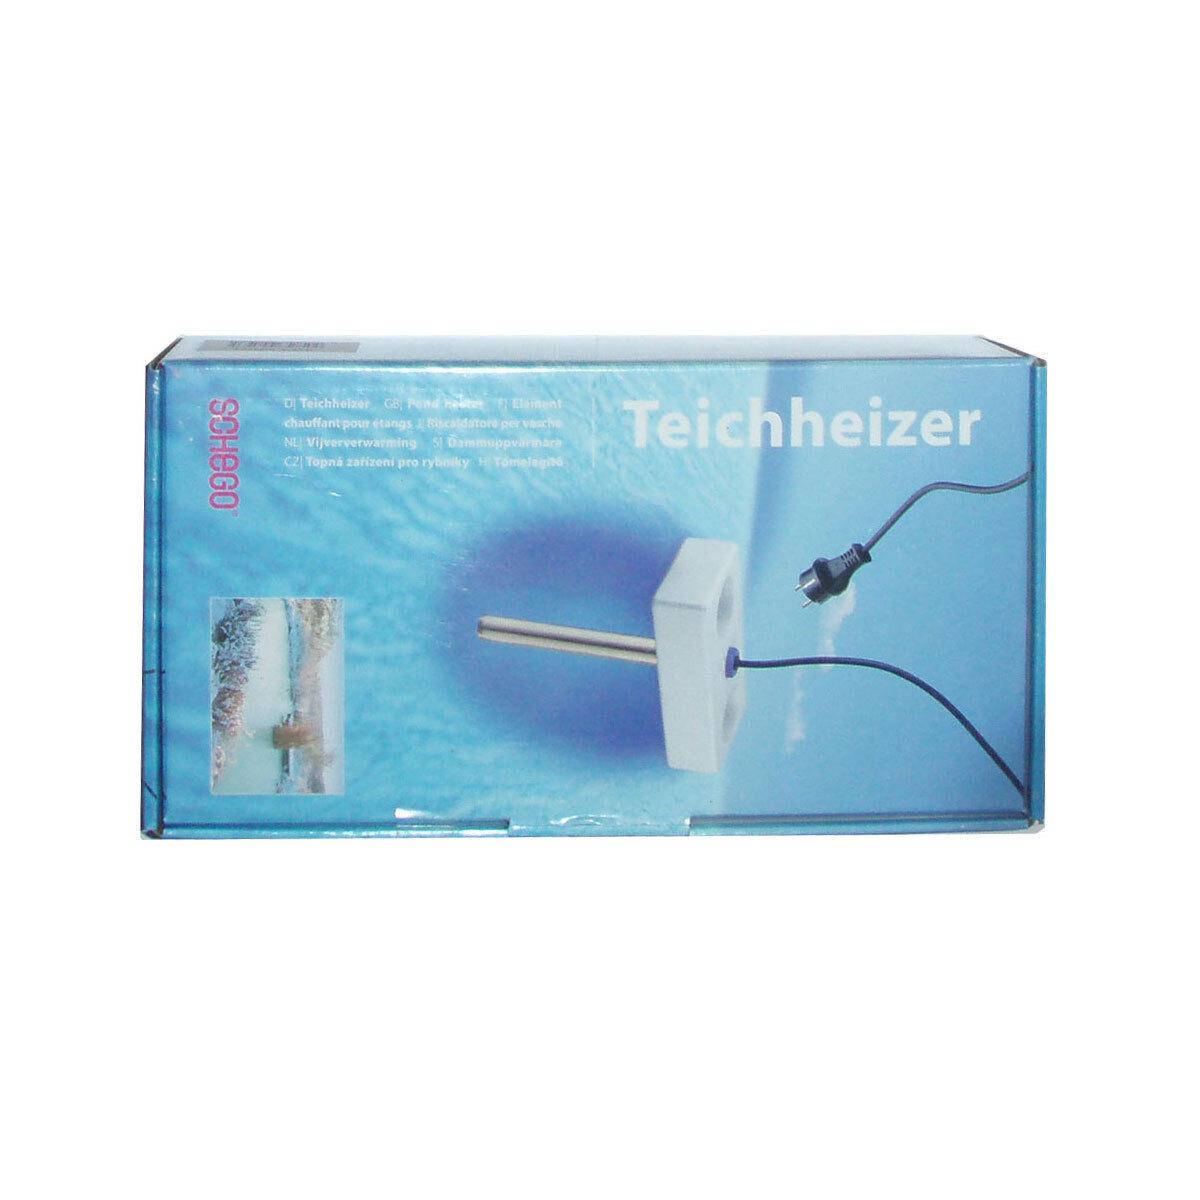 Schego-teichheizer 300 W-estanque calentador estanque calefacción invierno calefacción peces